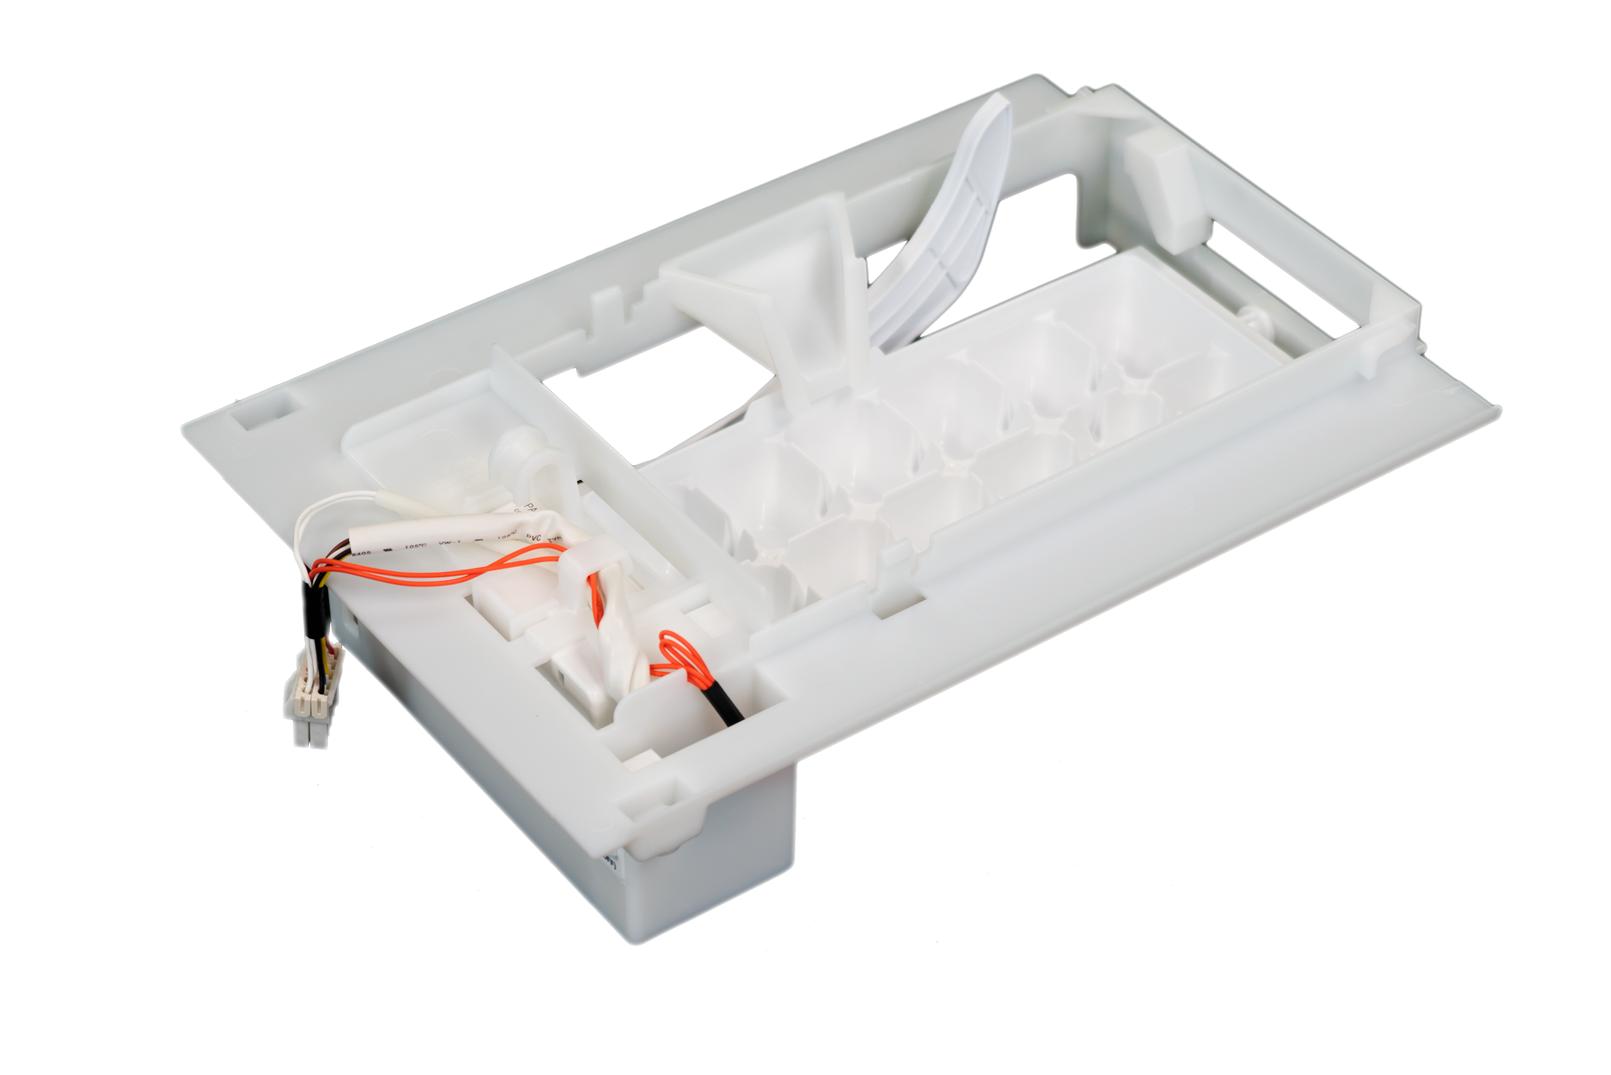 Lg electronics 5989ja1005g refrigerator ice maker assembly